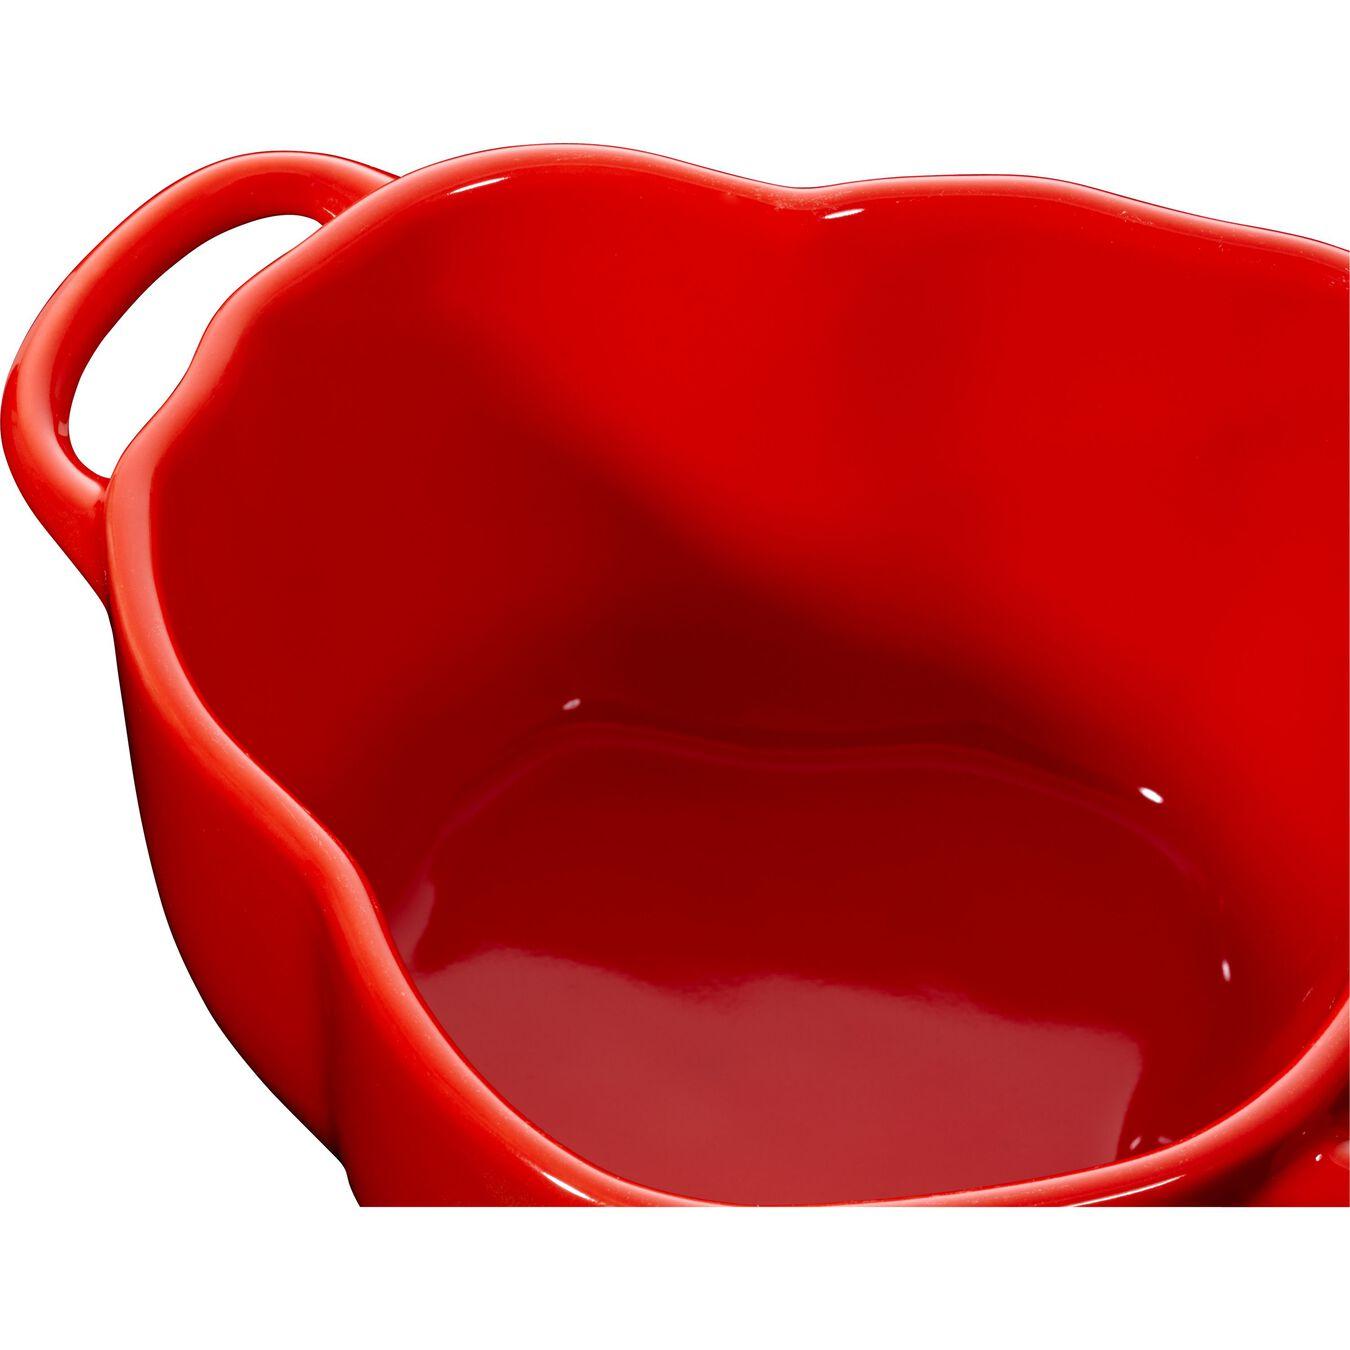 Cocotte 12 cm, Paprika, Orange-Rot, Keramik,,large 4